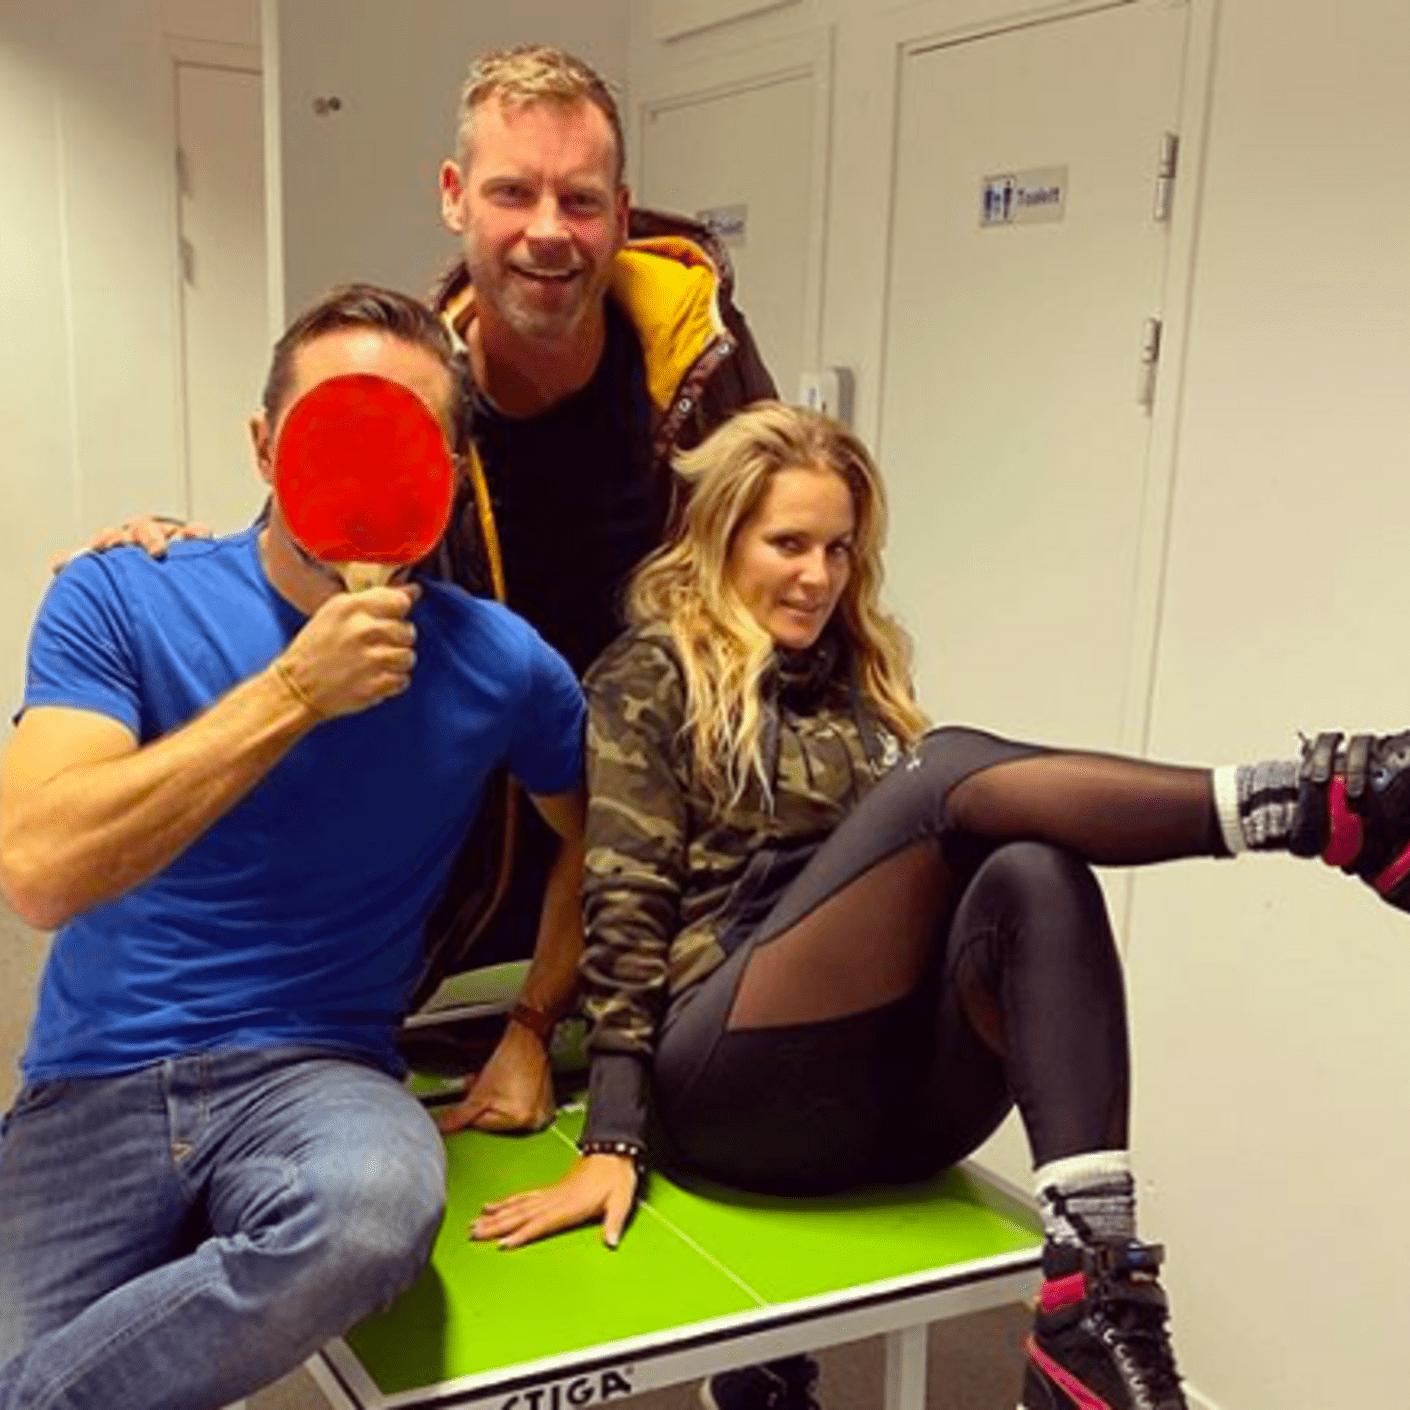 2a december, Respektlösa människor, RIX FM's magiska hjul och Mårten Andersson